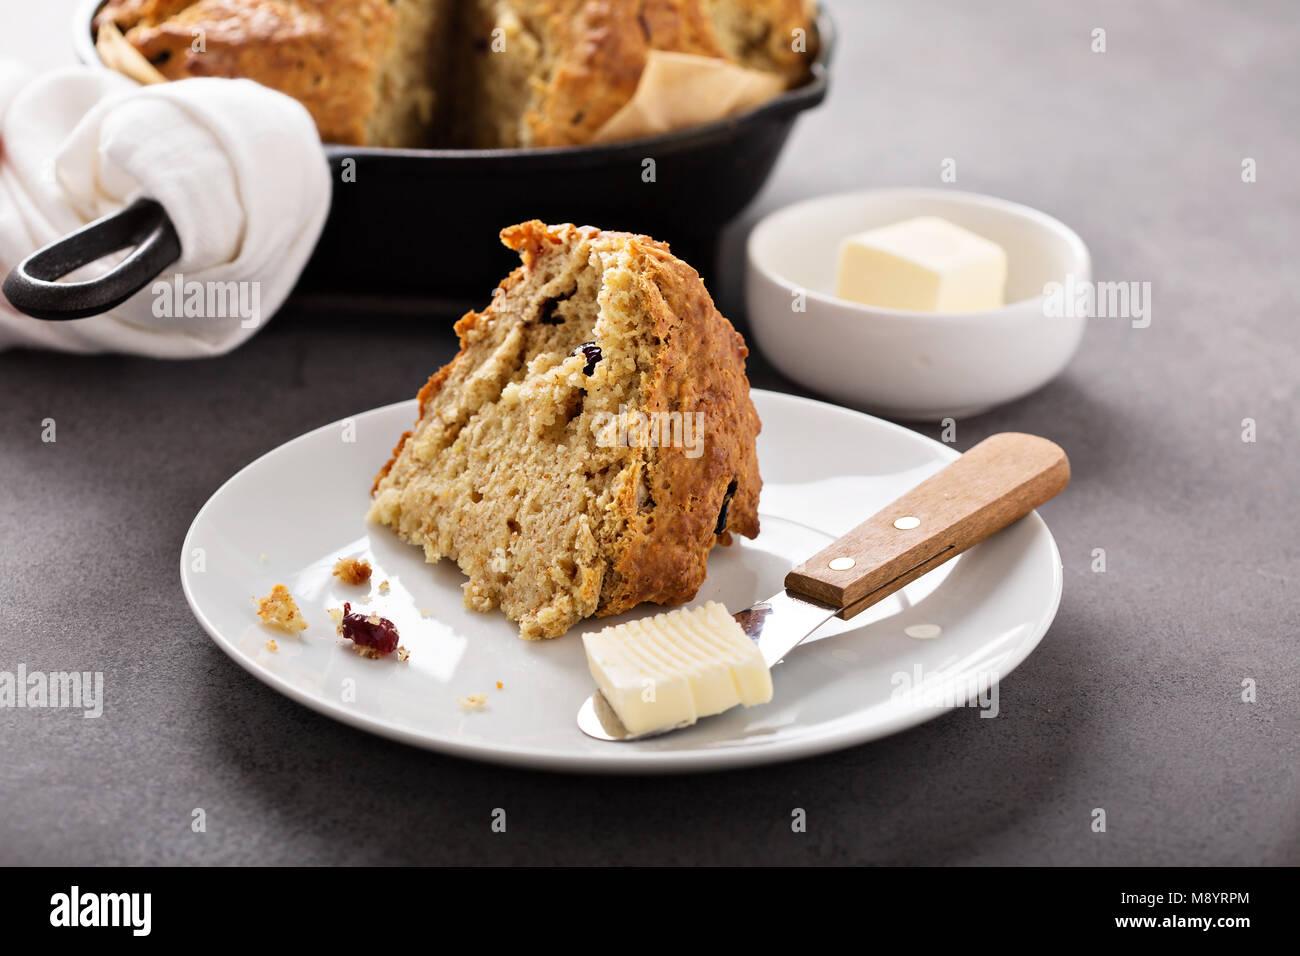 Irish soda bread - Stock Image